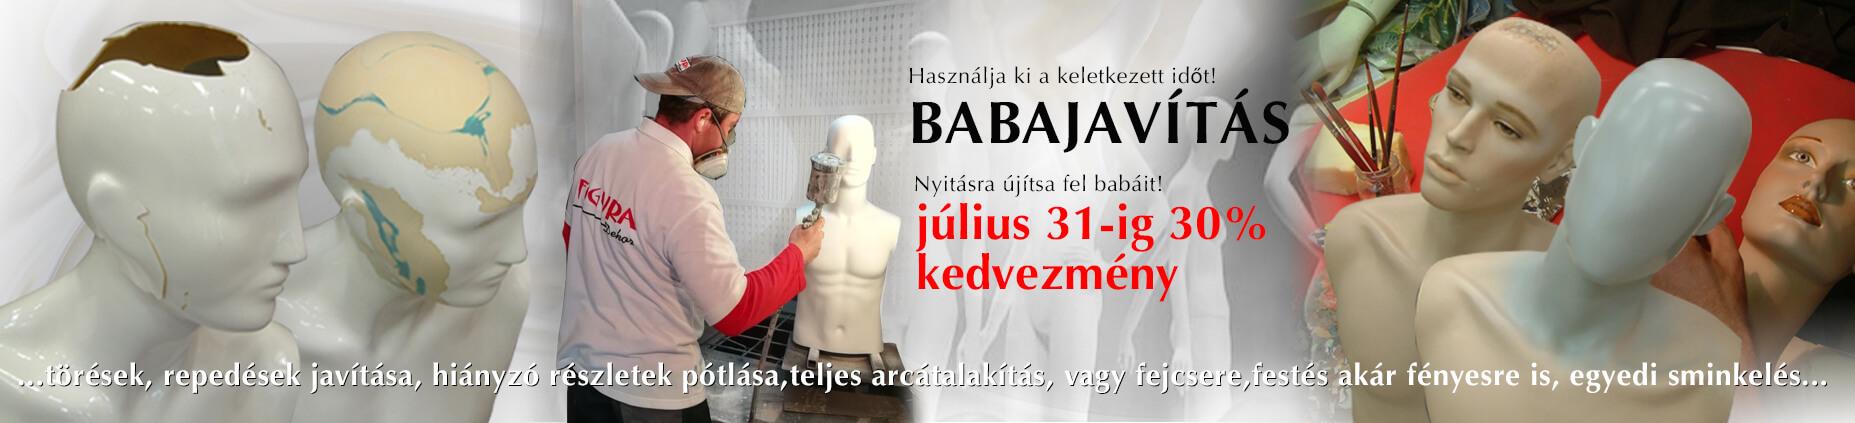 BABAJAVITAS-3